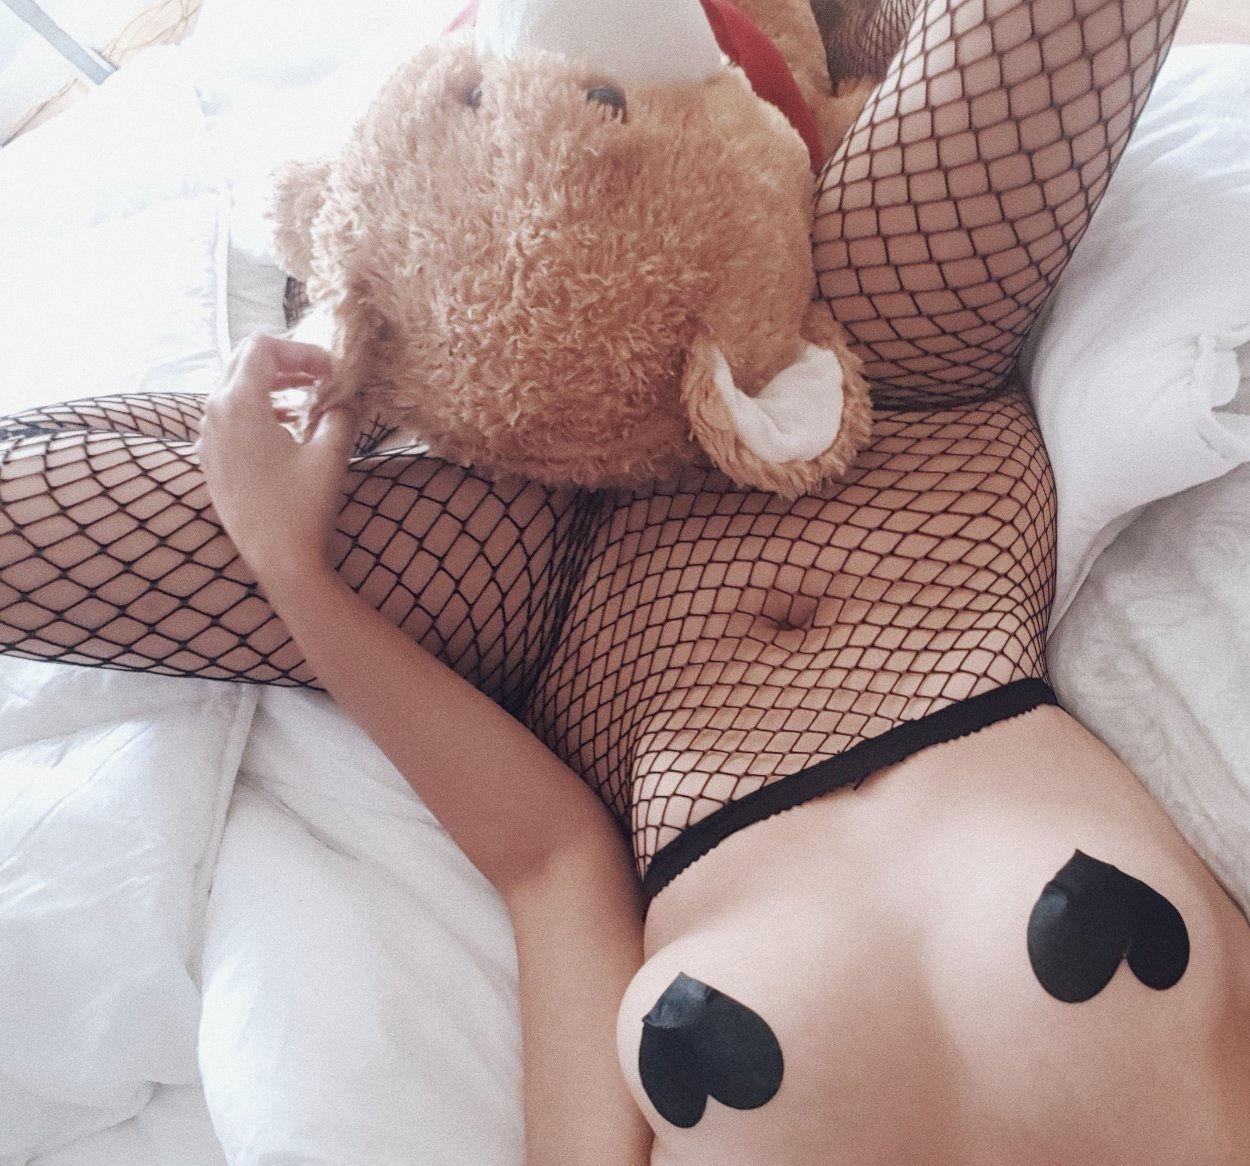 Itsaka Nude Photos Leaked! 0009